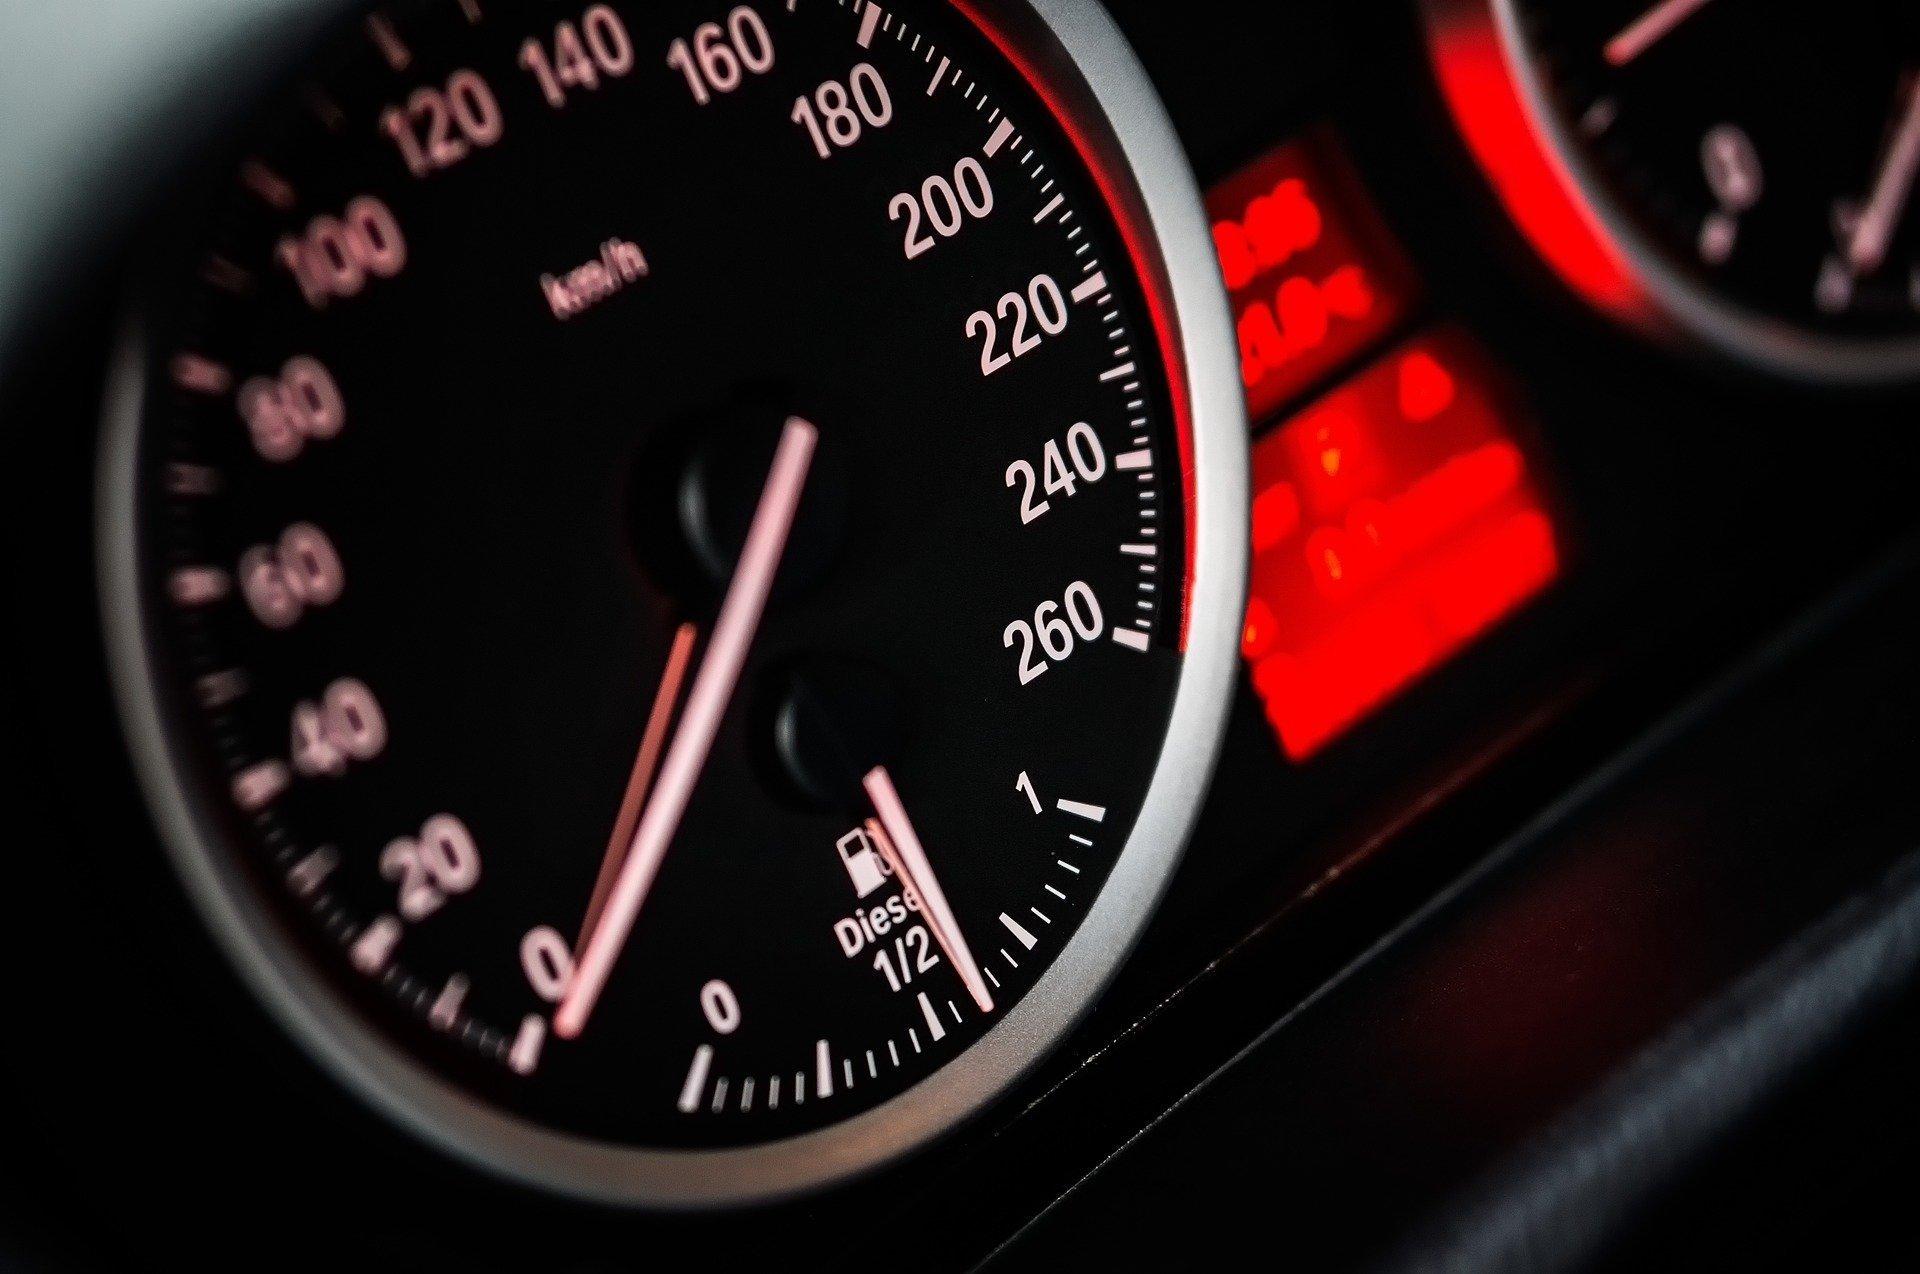 Автомобиль, интегрированный в интернет вещей, считывает ваше расписание и предлагает ездить на работу вдвоем с коллегой - так рациональней